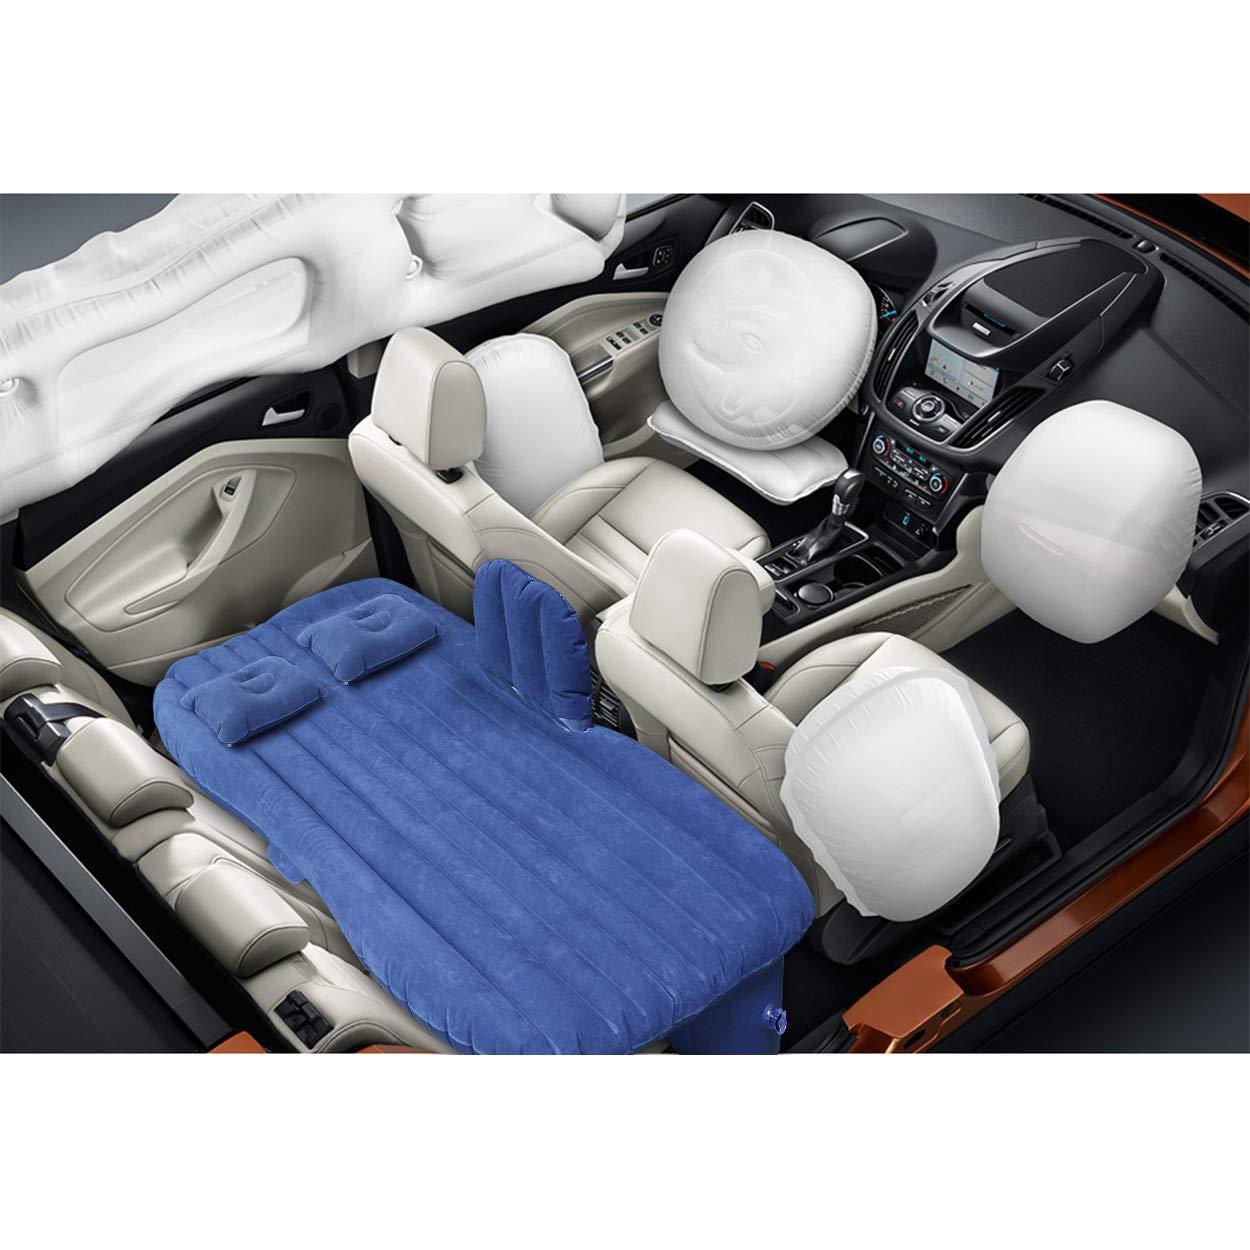 Auto Matratze Aufblasbares Beflockt Bett FBSPORT Durable Luftmatratze Auto Matratze aufblasbares Bett Air Bett f/ür Camping Outdoor